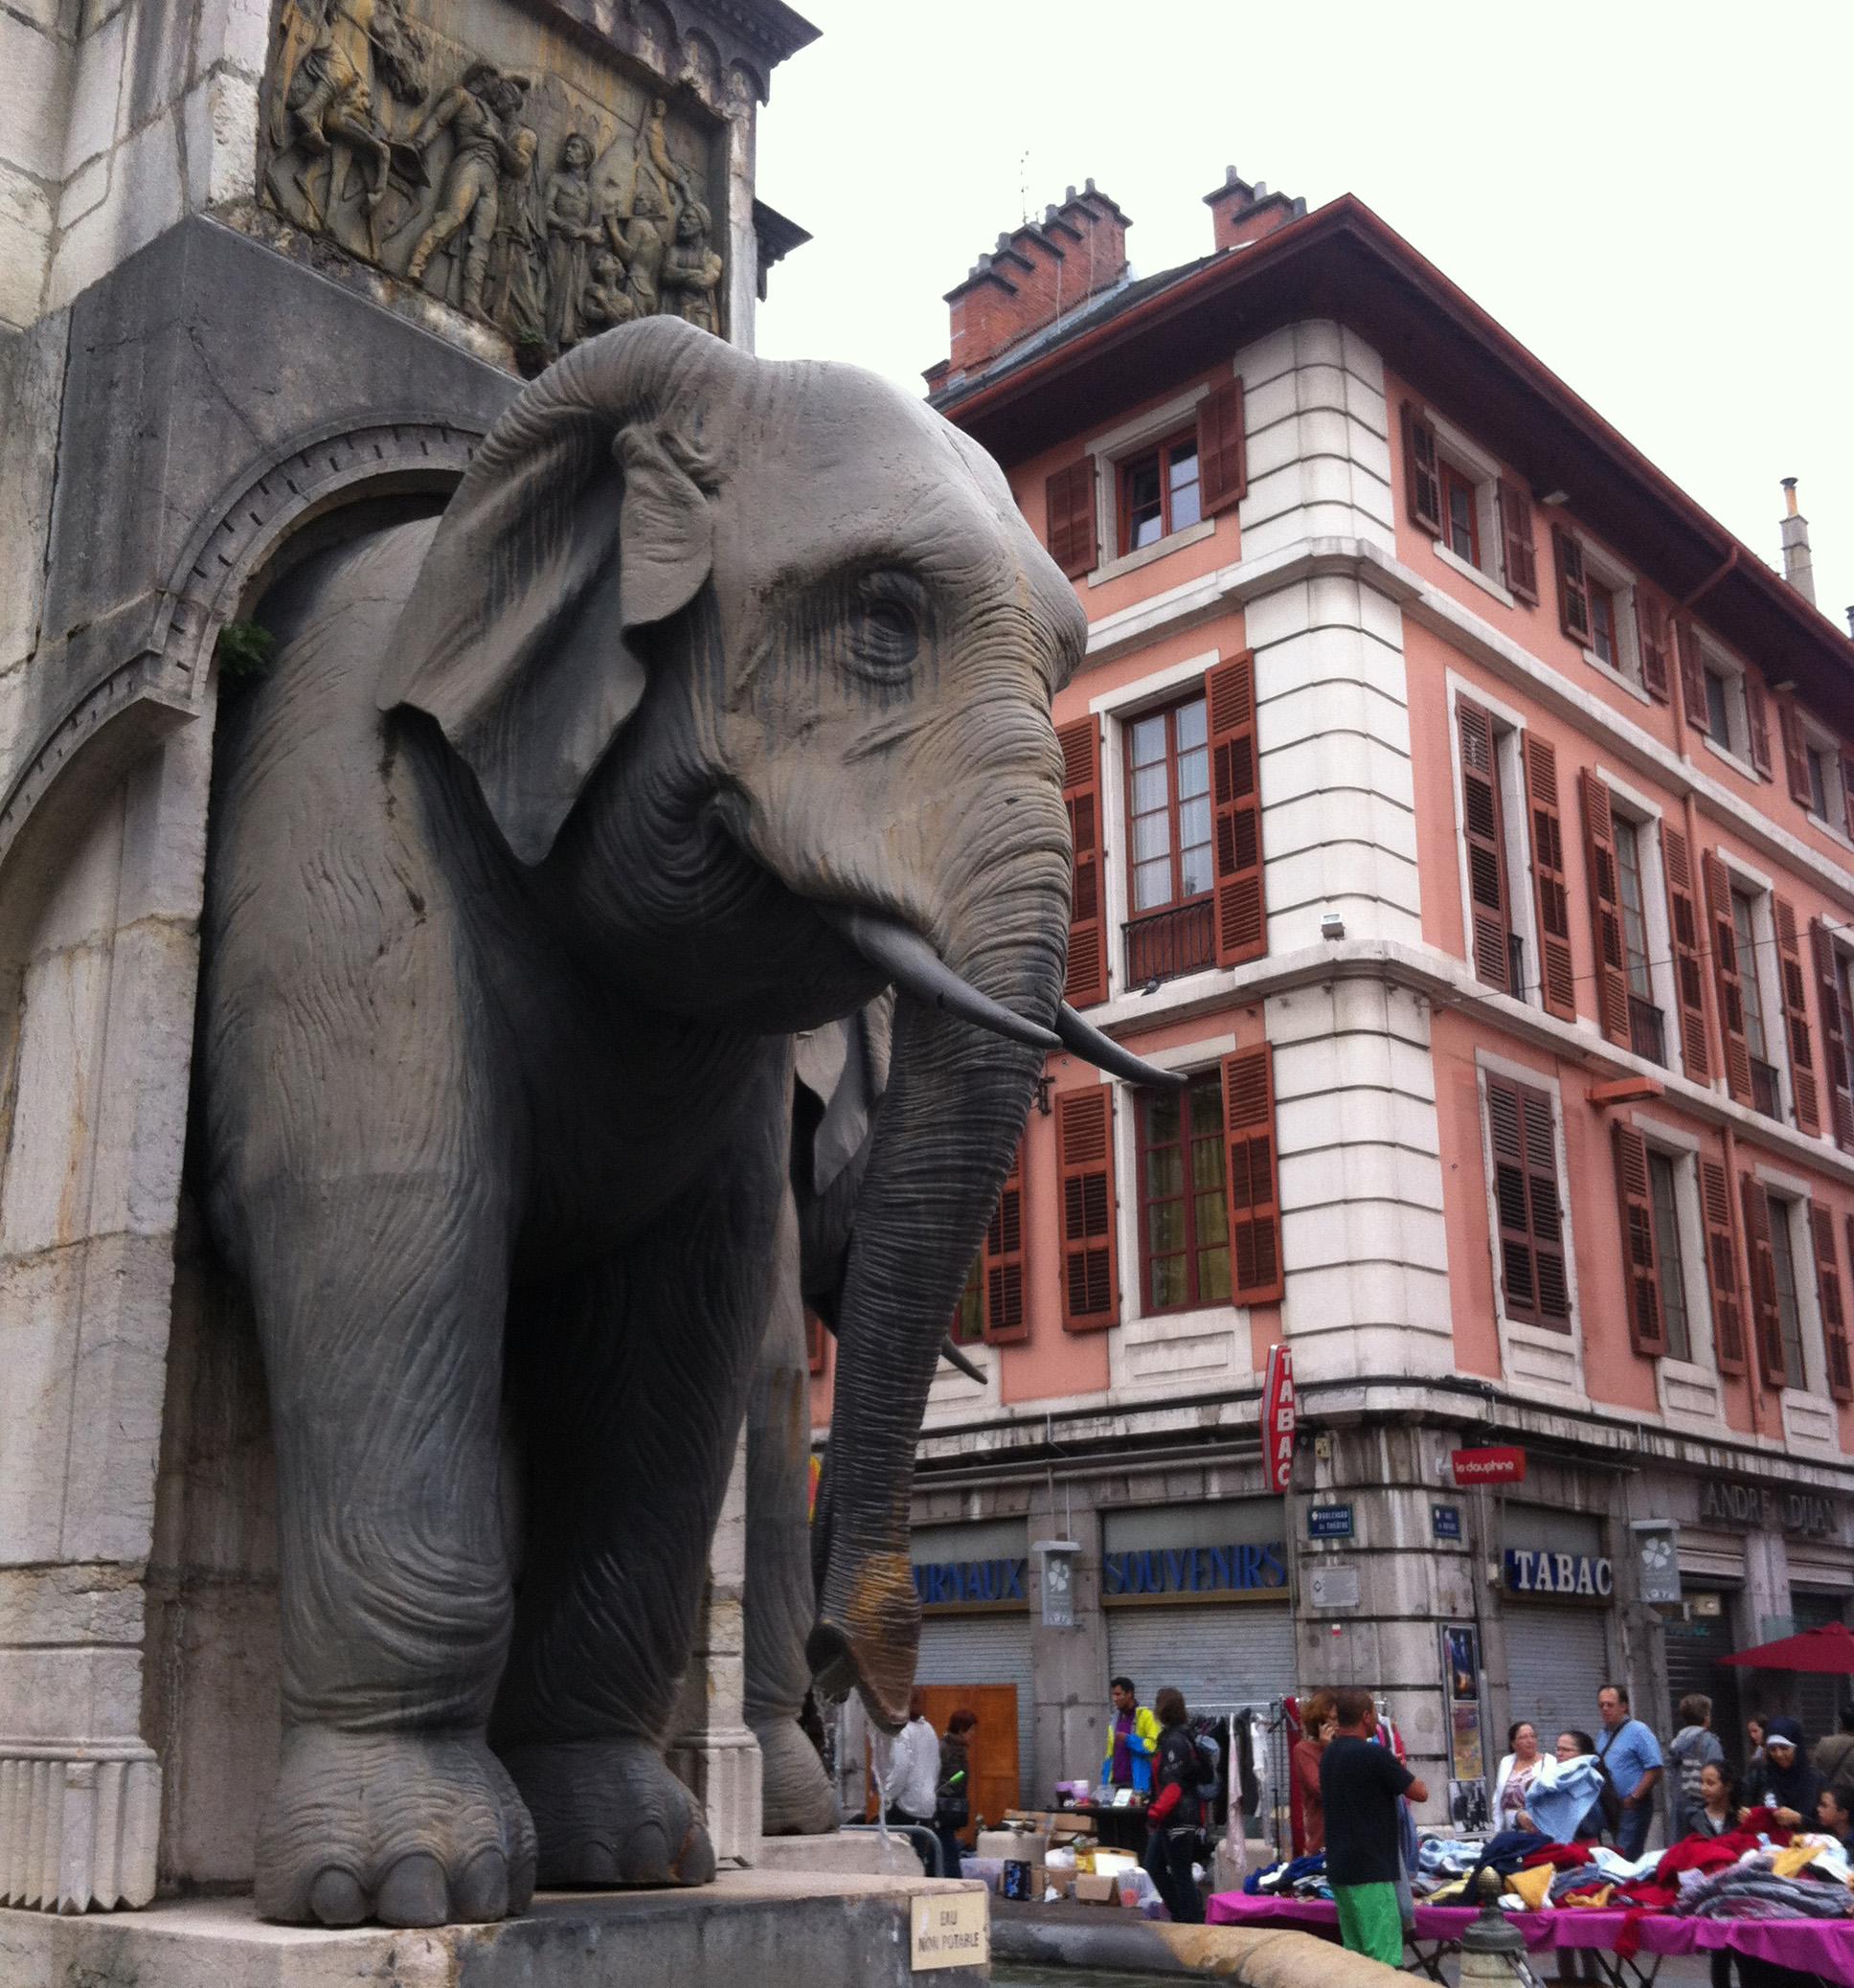 Dans quelques semaines, les éléphants de Chambéry seront gouvernés par de nouveaux élus.